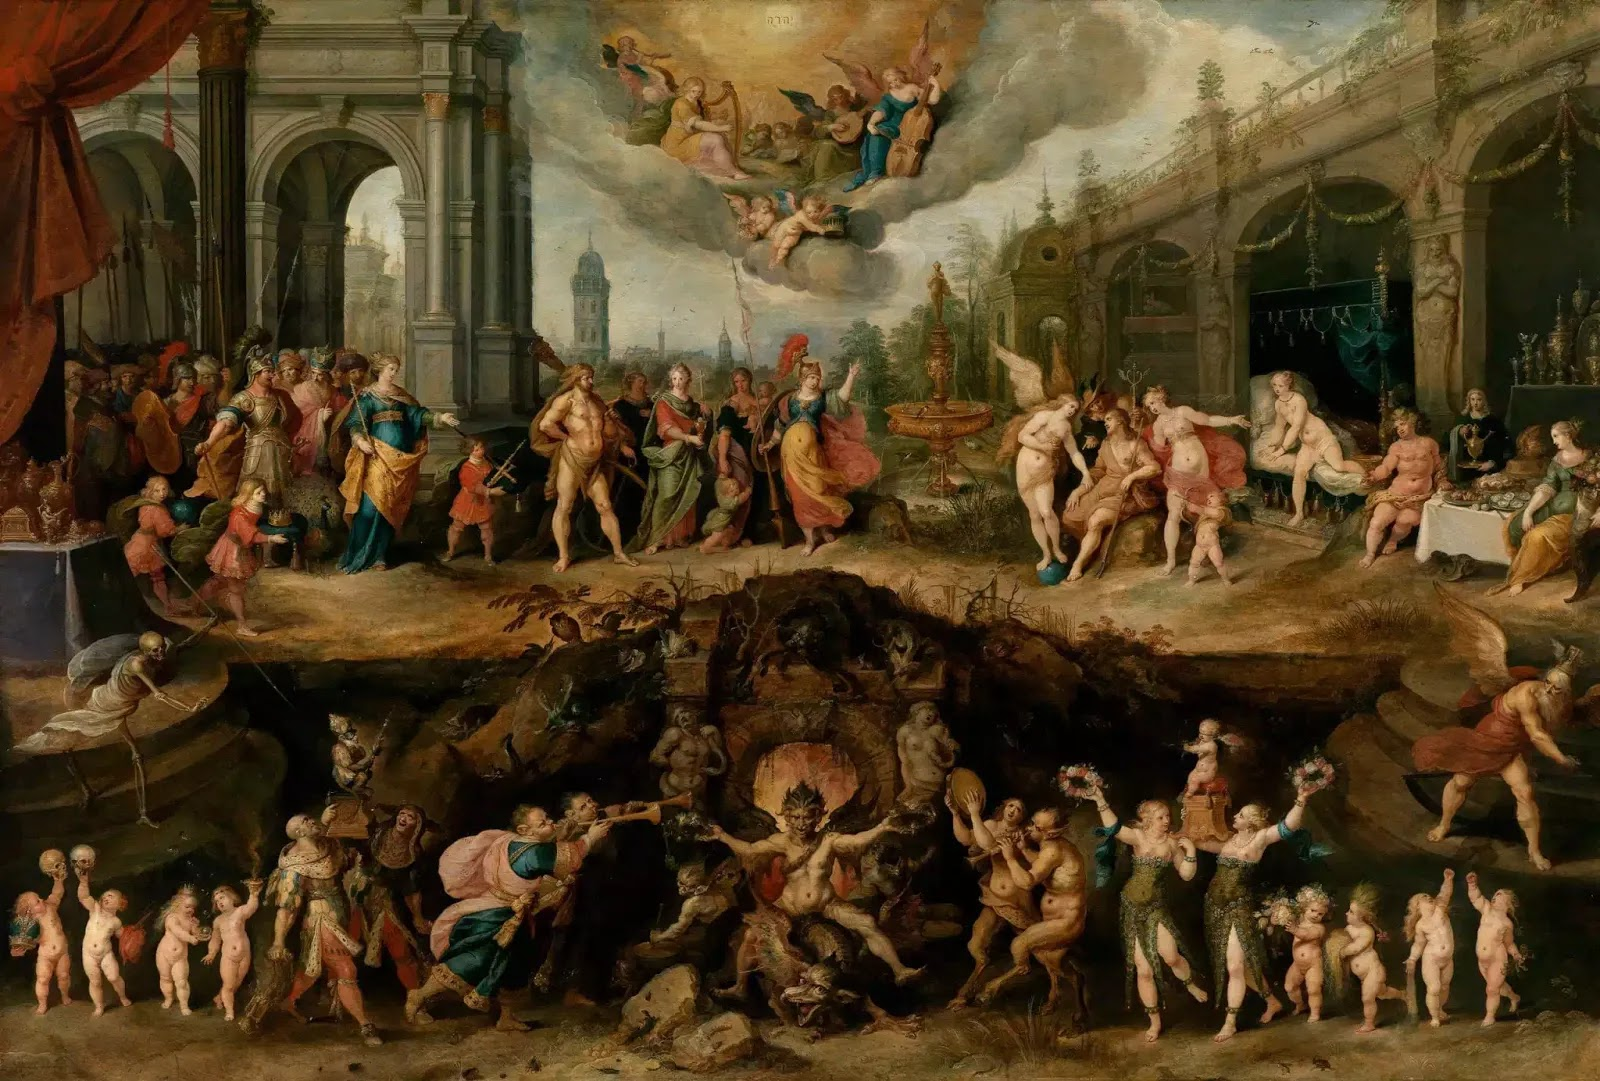 Nan đề muôn đời cho con người – cuộc chọn lựa giữa tốt và xấu!